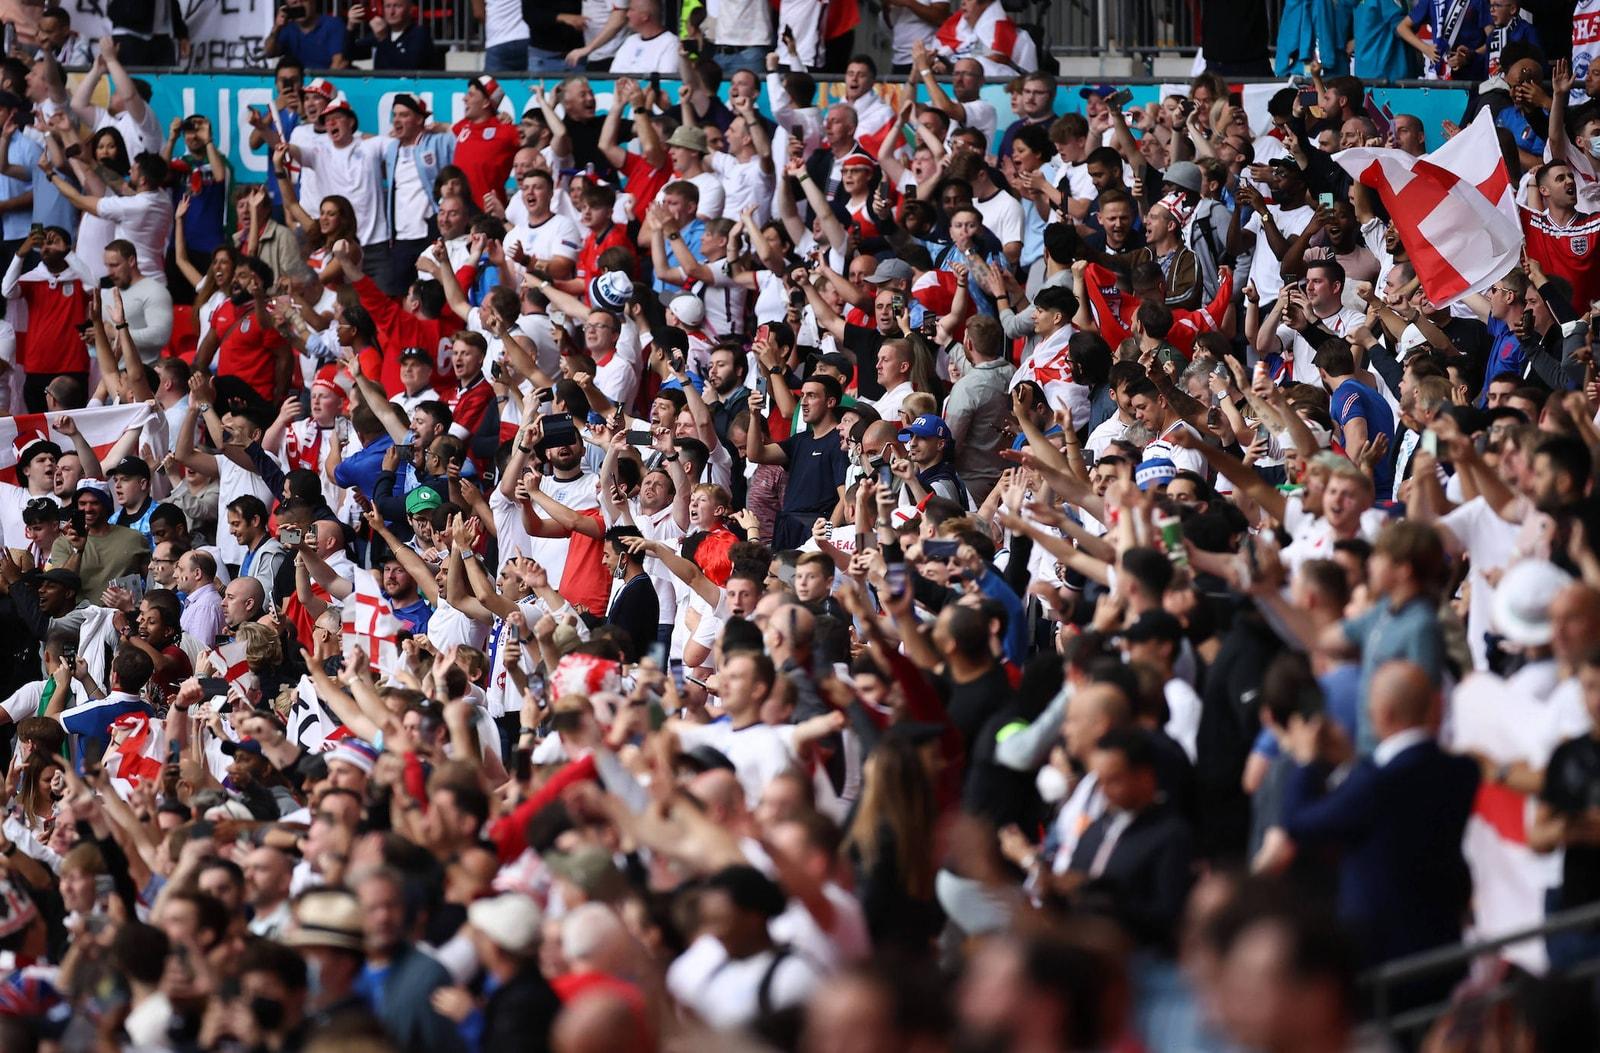 點燃夏日激情,盤點 2020 歐洲國家盃 5 大難忘瞬間